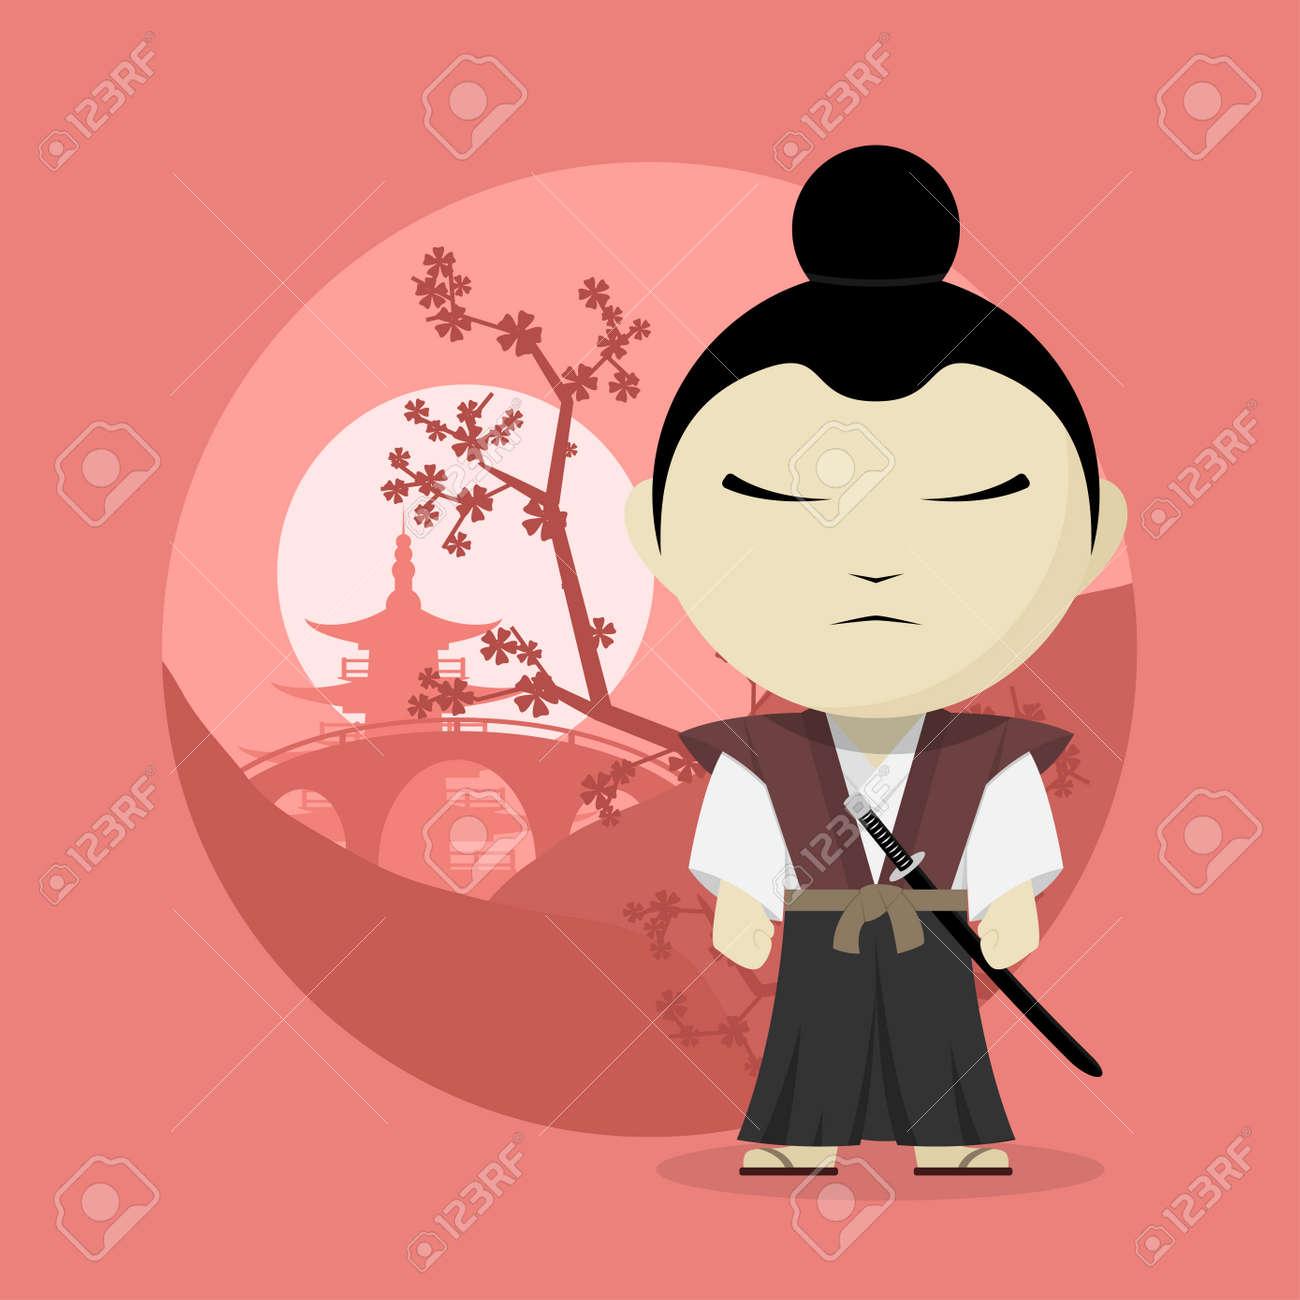 Imagen De Un Samurai De Dibujos Animados Ilustracion Estilo Plano Ilustraciones Vectoriales Clip Art Vectorizado Libre De Derechos Image 44570753